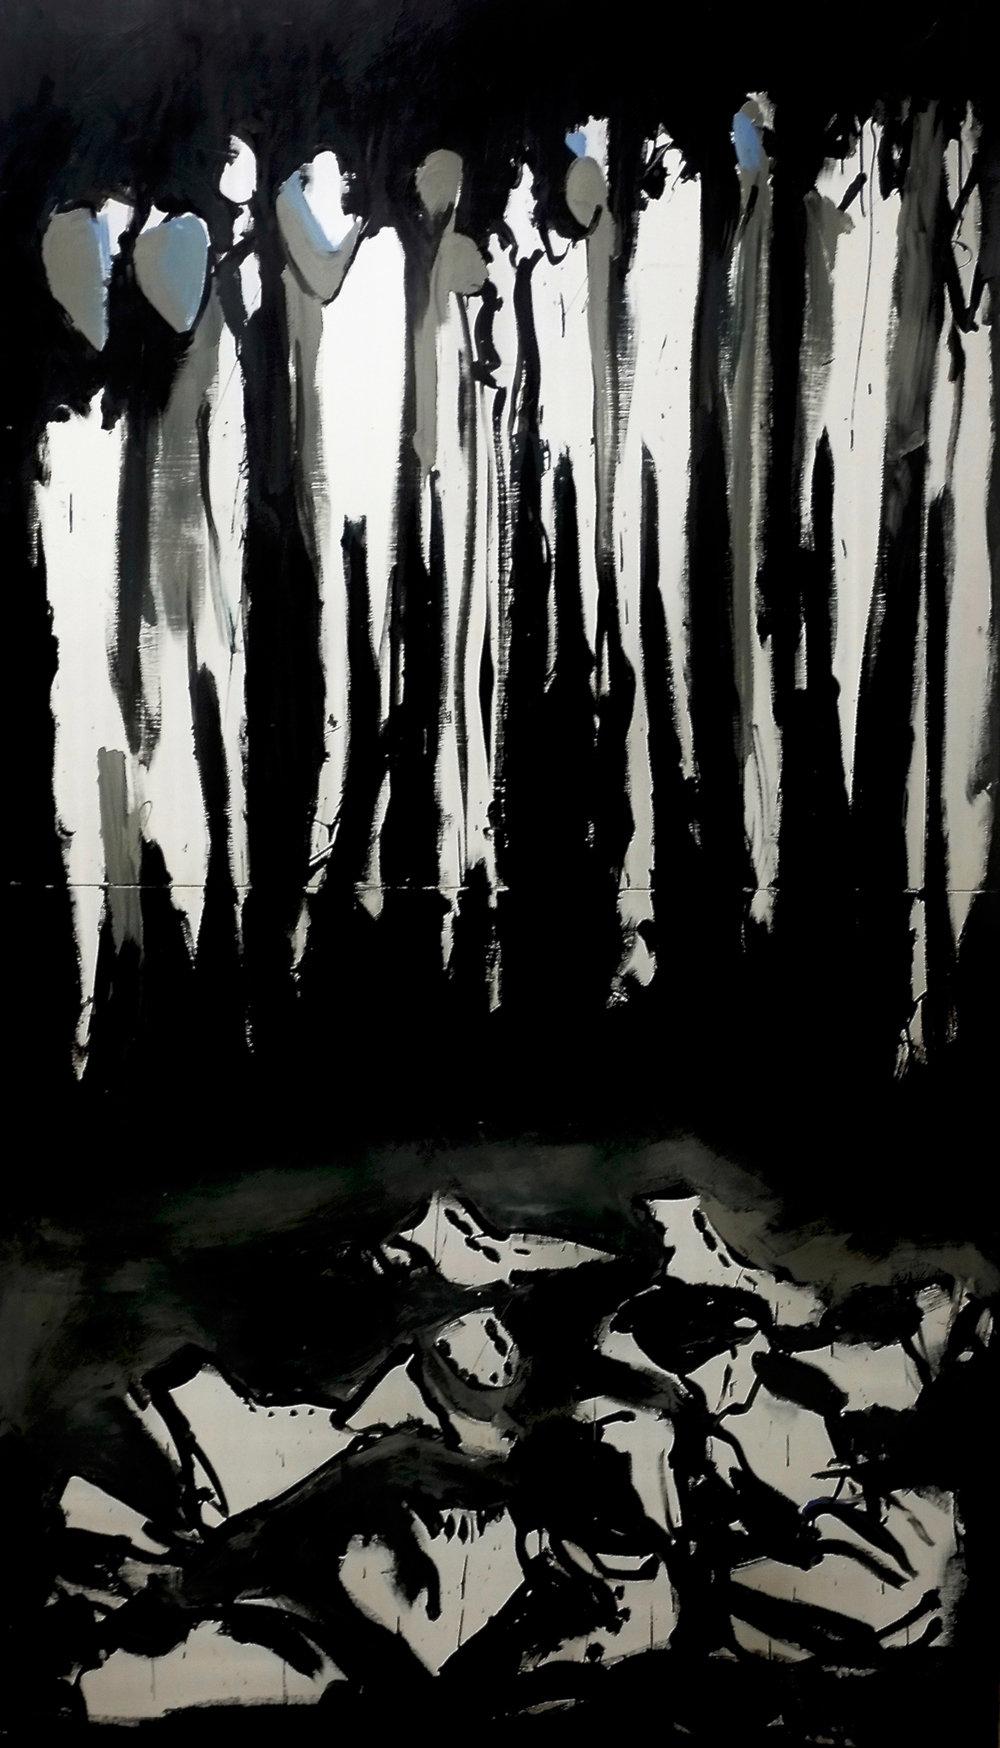 Goulag, 1991. Acrylique sur panneau de bois, 244 x 140 cm.